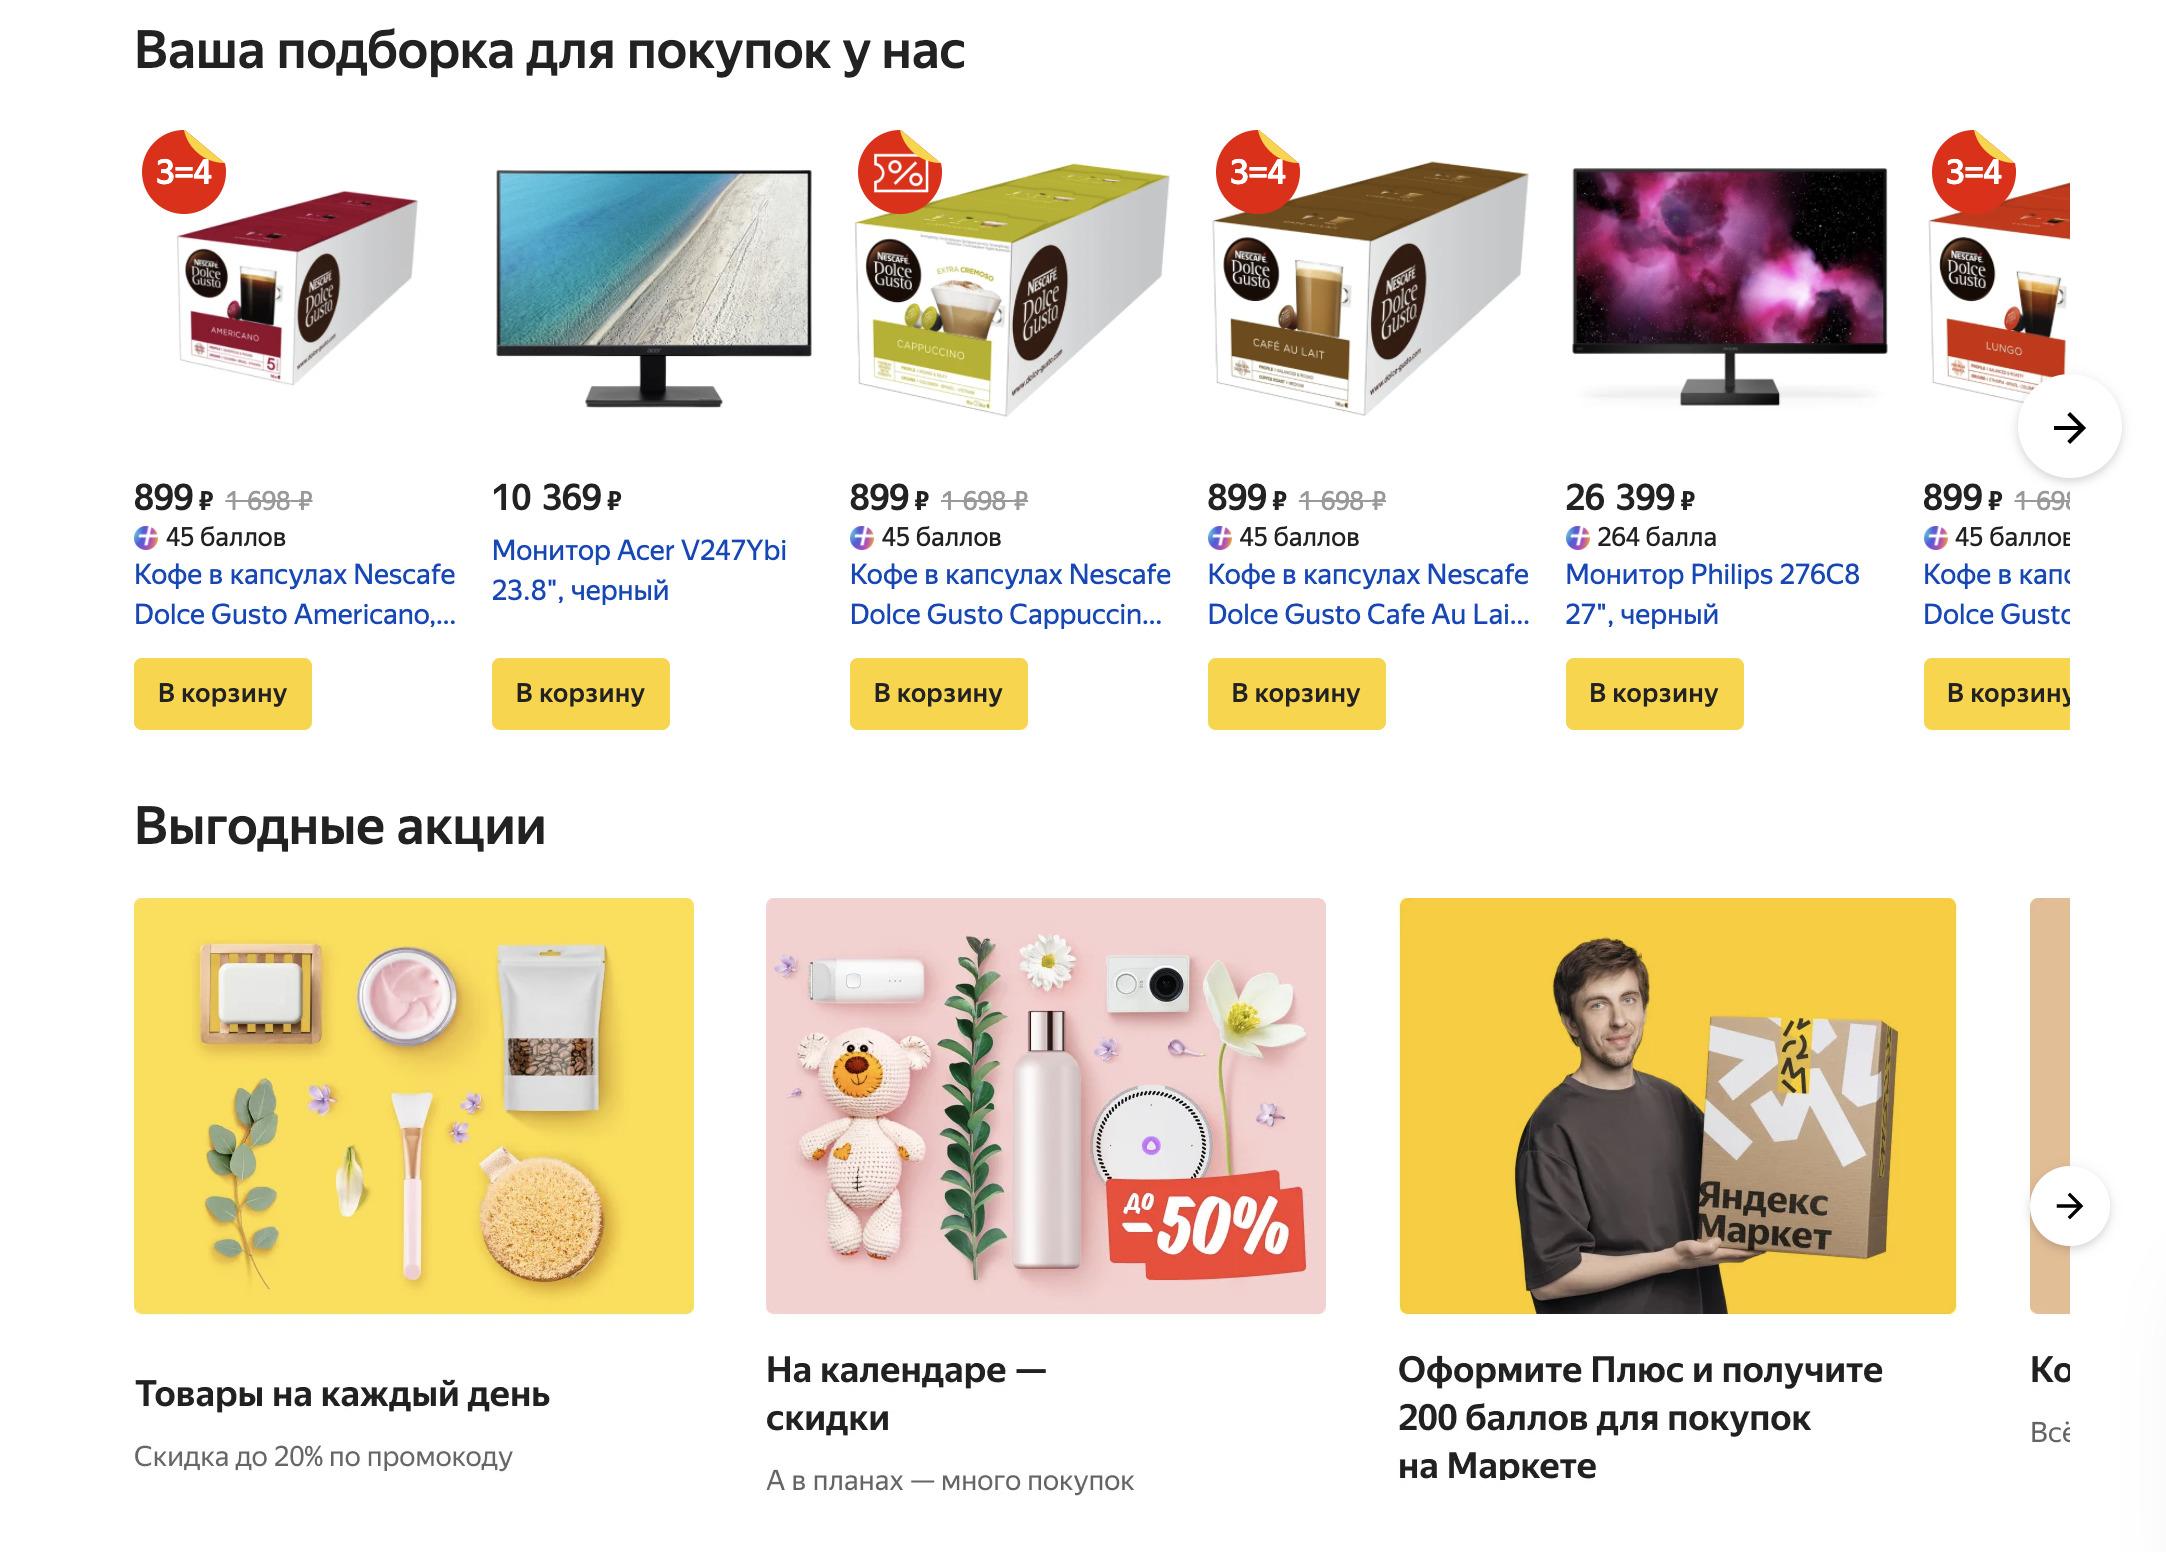 Доставка из Яндекс.Маркет в Выкса, сроки, пункты выдачи, каталог